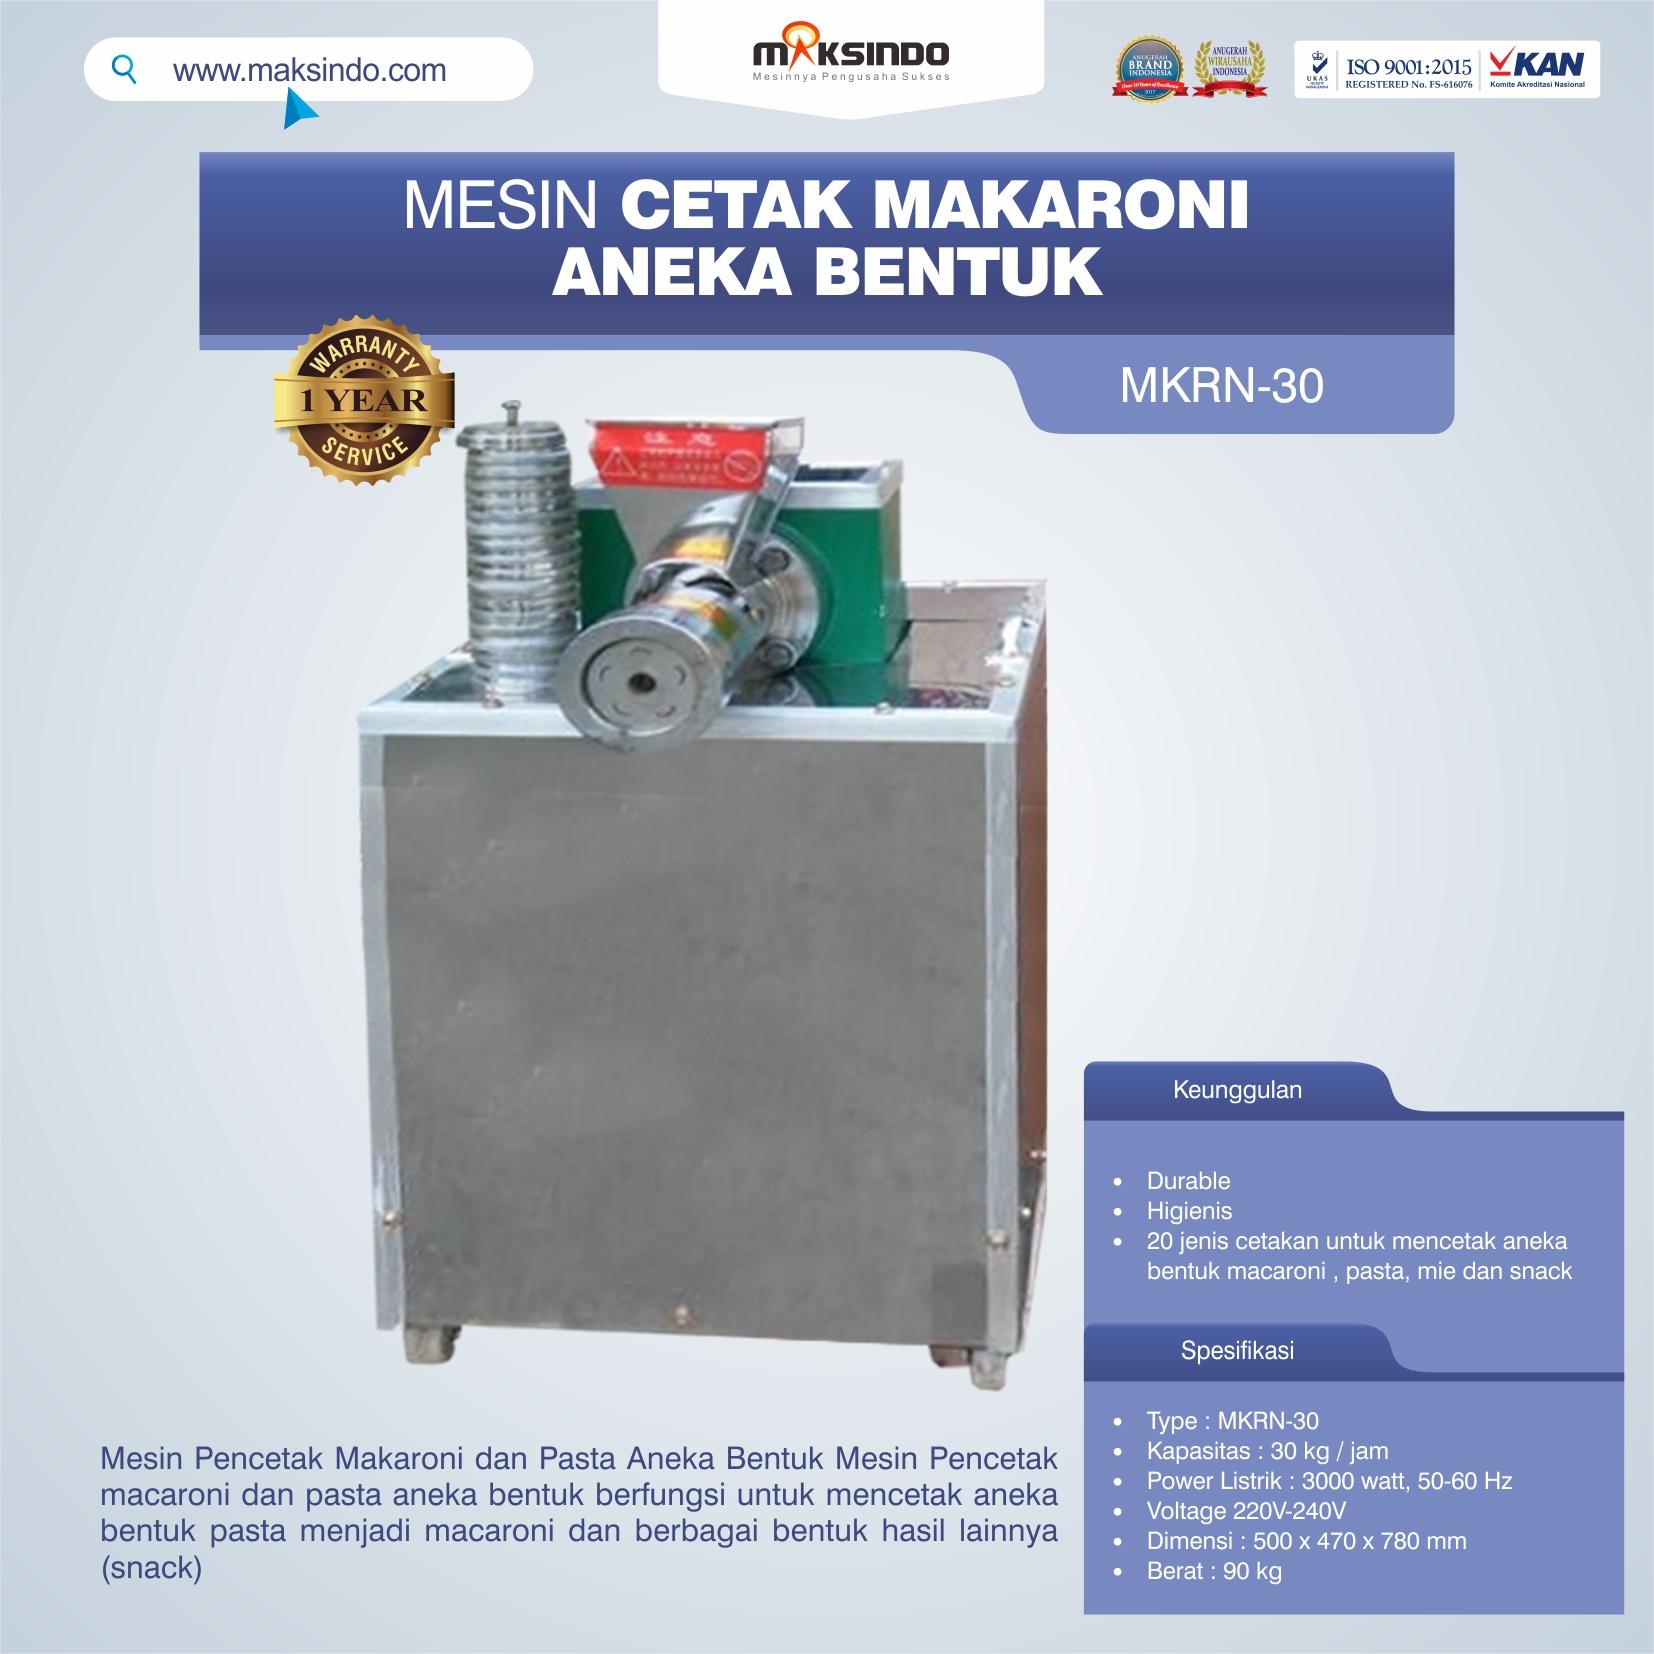 Jual Mesin Cetak Makaroni Aneka Bentuk di Pekanbaru